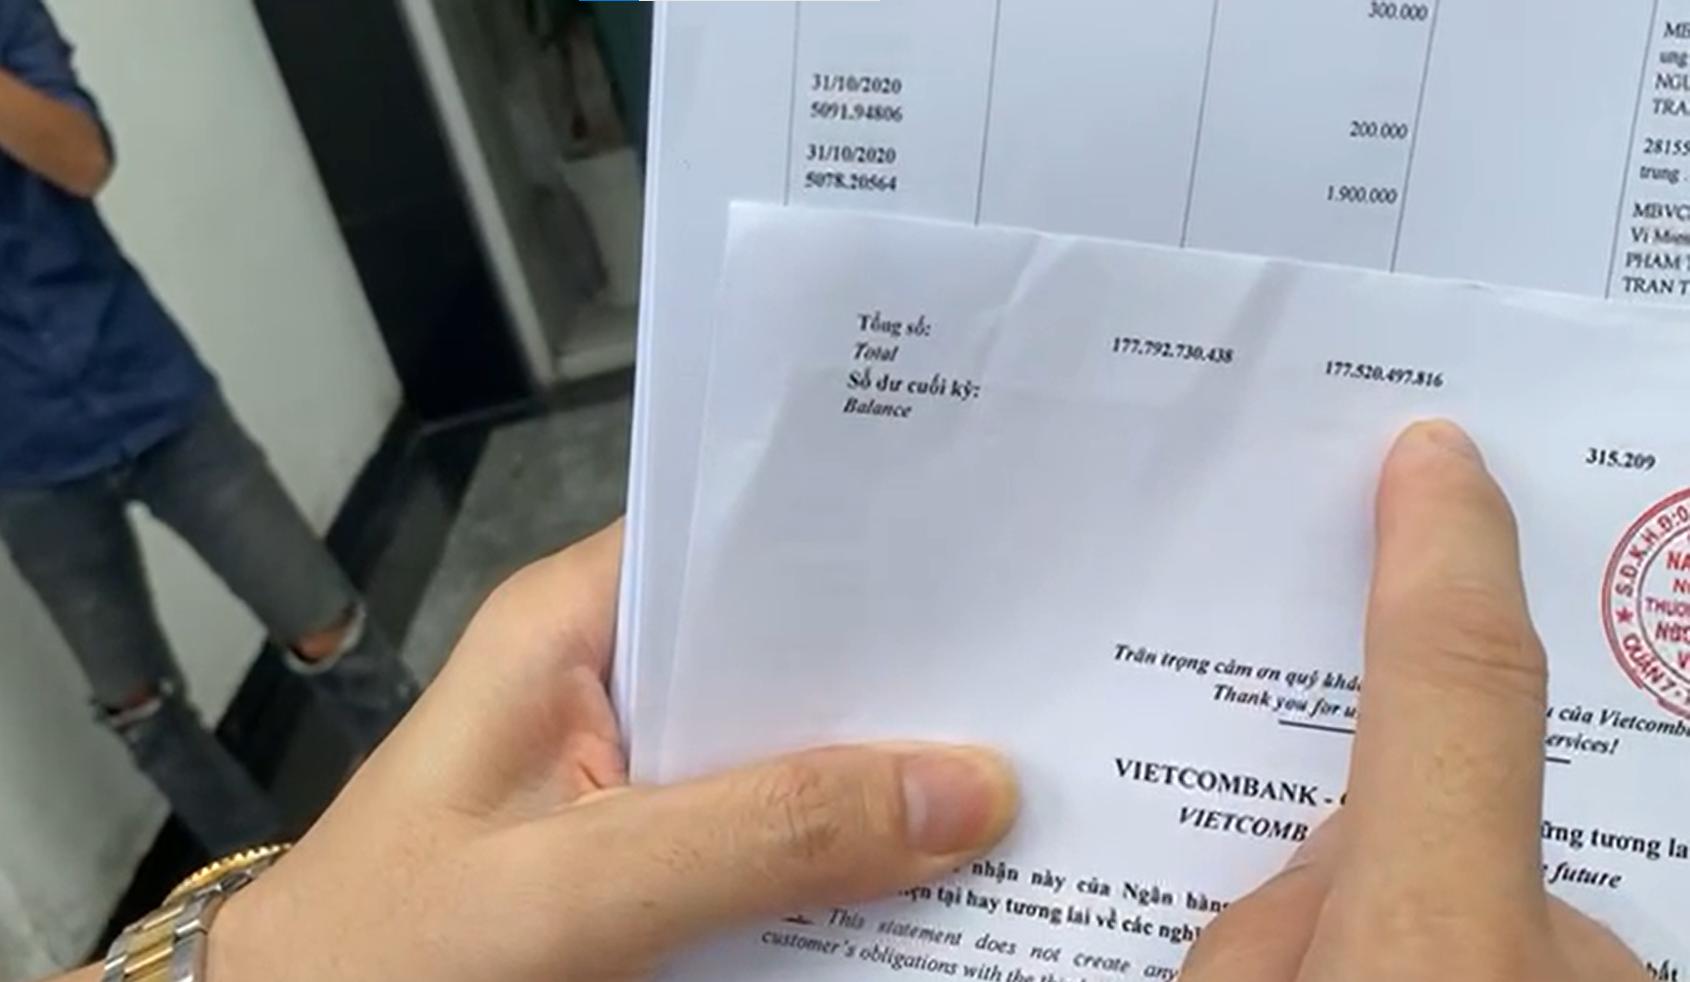 Công Vinh - Thủy Tiên livestream công bố 18.000 trang sao kê 177 tỷ đồng quyên góp ủng hộ đồng bào miền Trung - Ảnh 2.